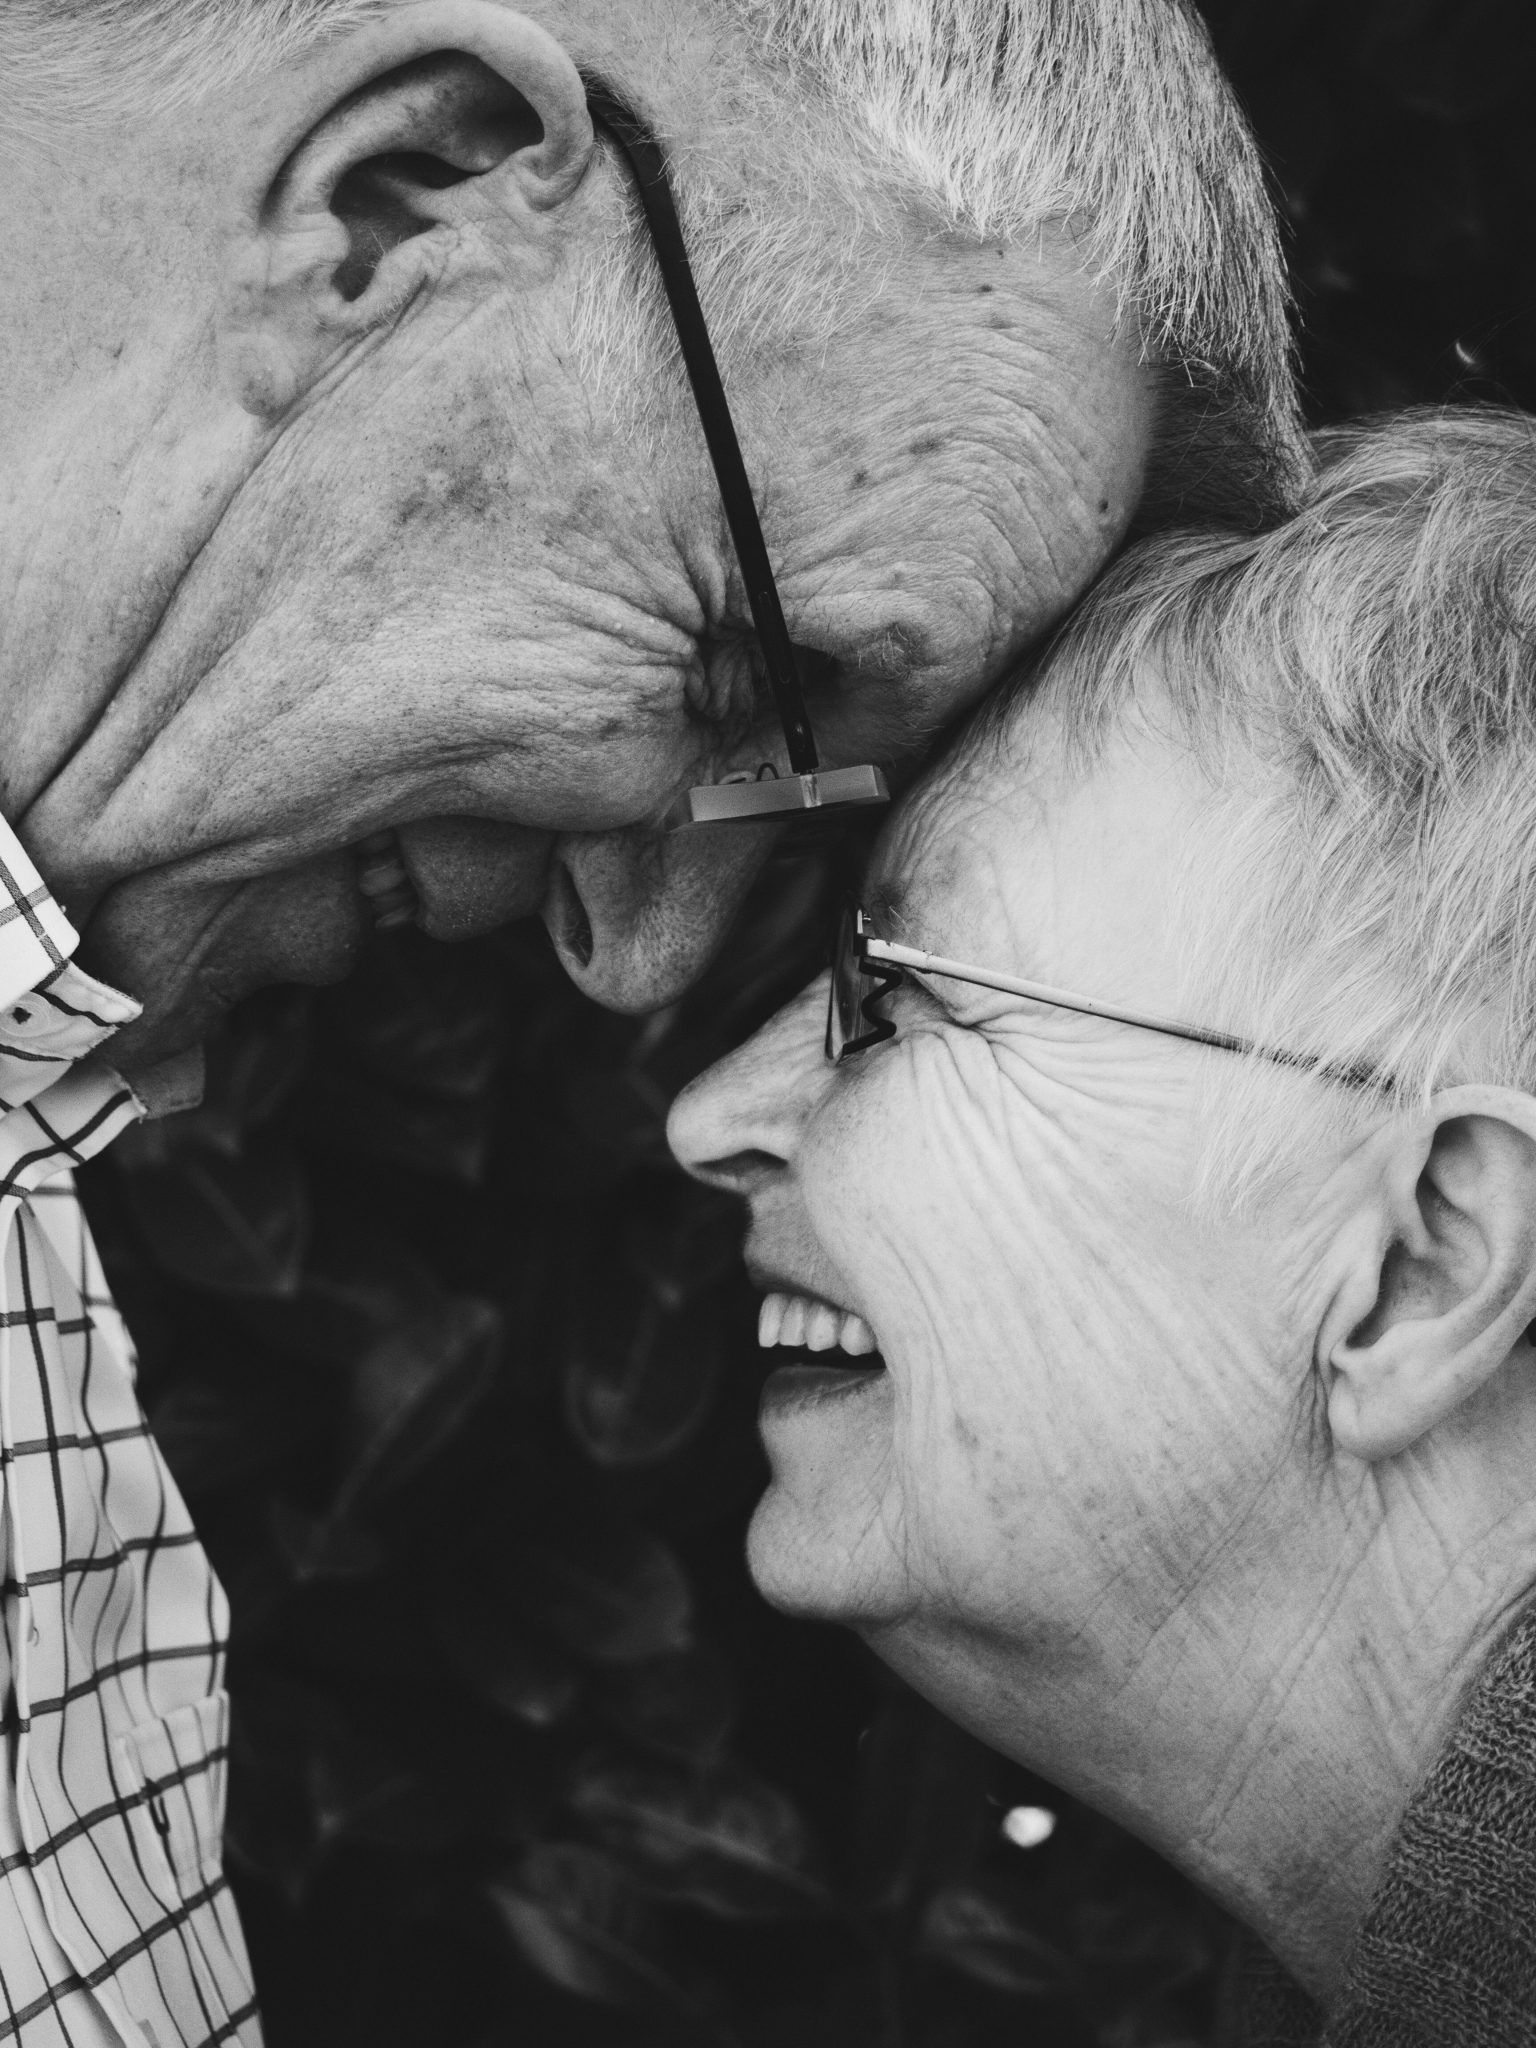 En una sociedad en la que la esperanza de vida es elevada, la posibilidad de disponer de mecanismos para retrasar la aparición de enfermedades asociadas al envejecimiento es muy atractiva. Imagen: Lotte Meijer, Unsplash.